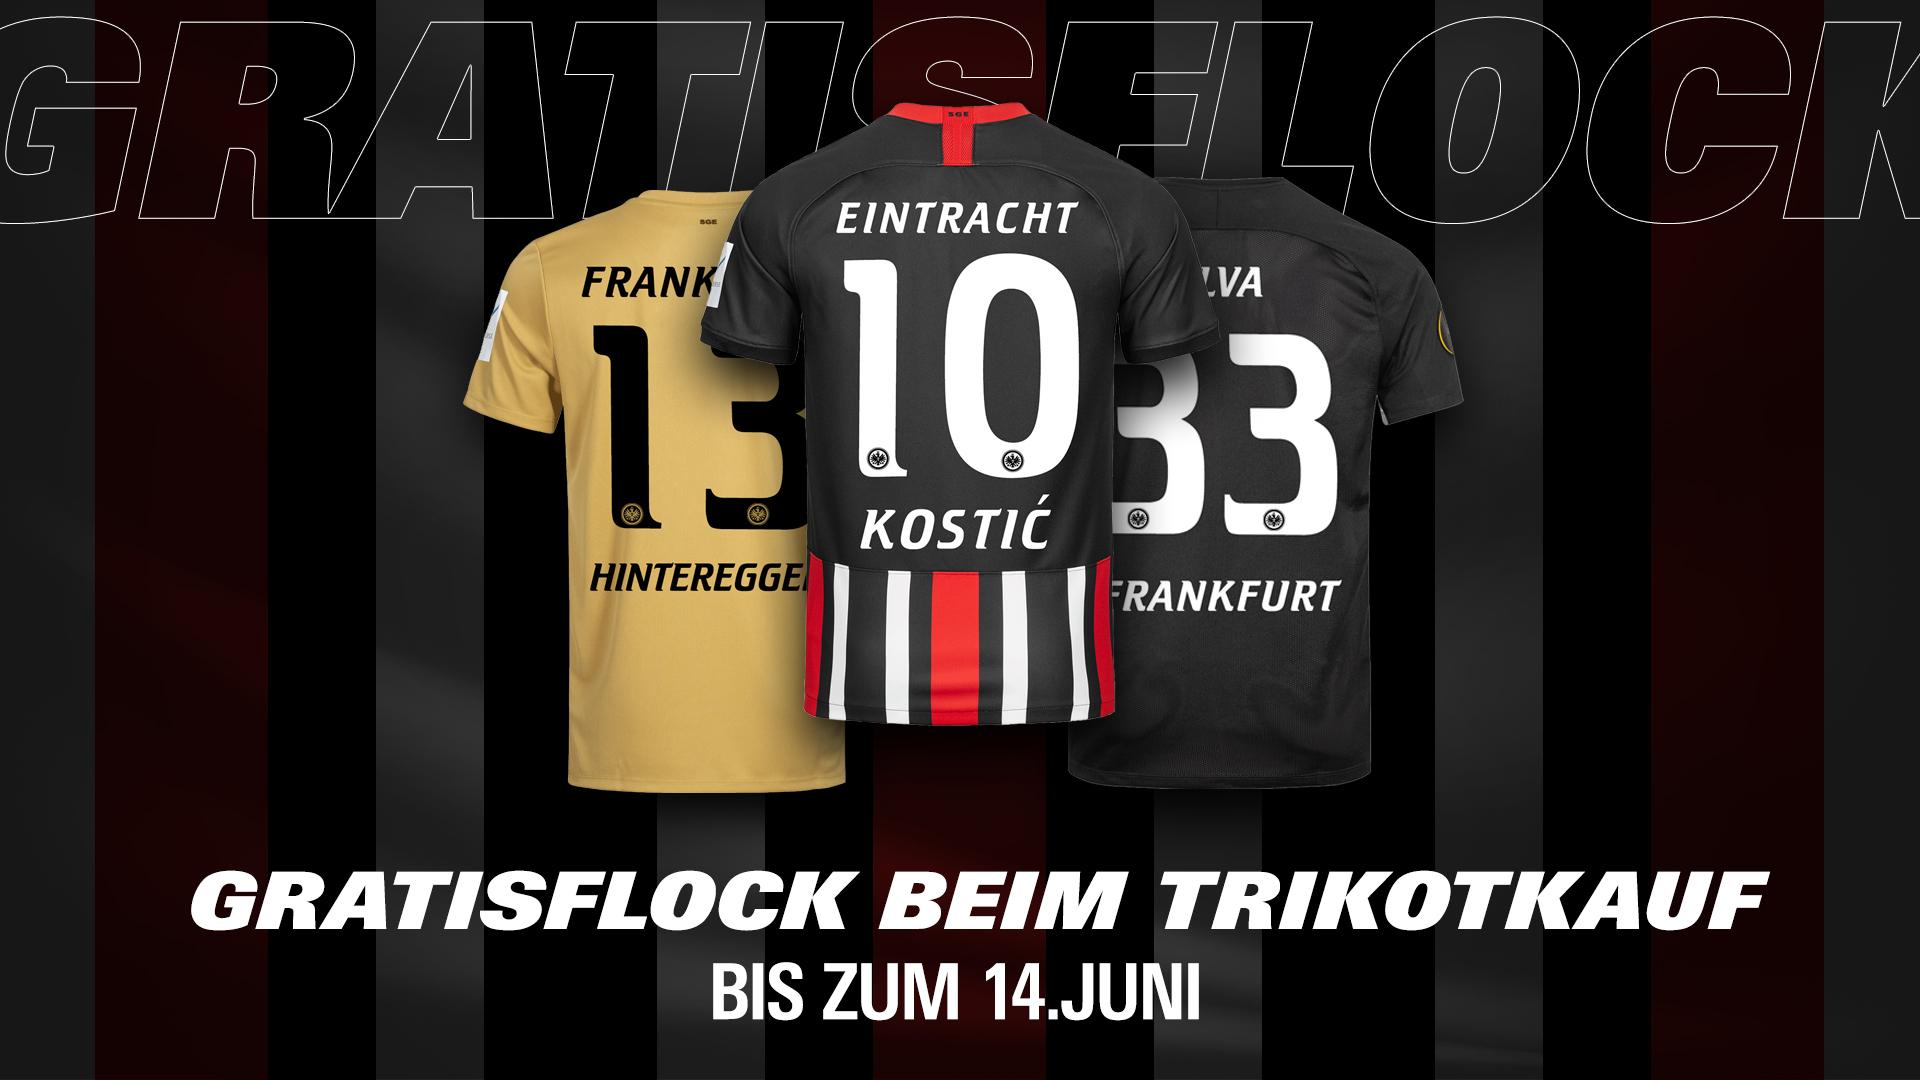 Eintracht Frankfurt Gratisflock beim Trikotkauf bis zum 14.06.2020